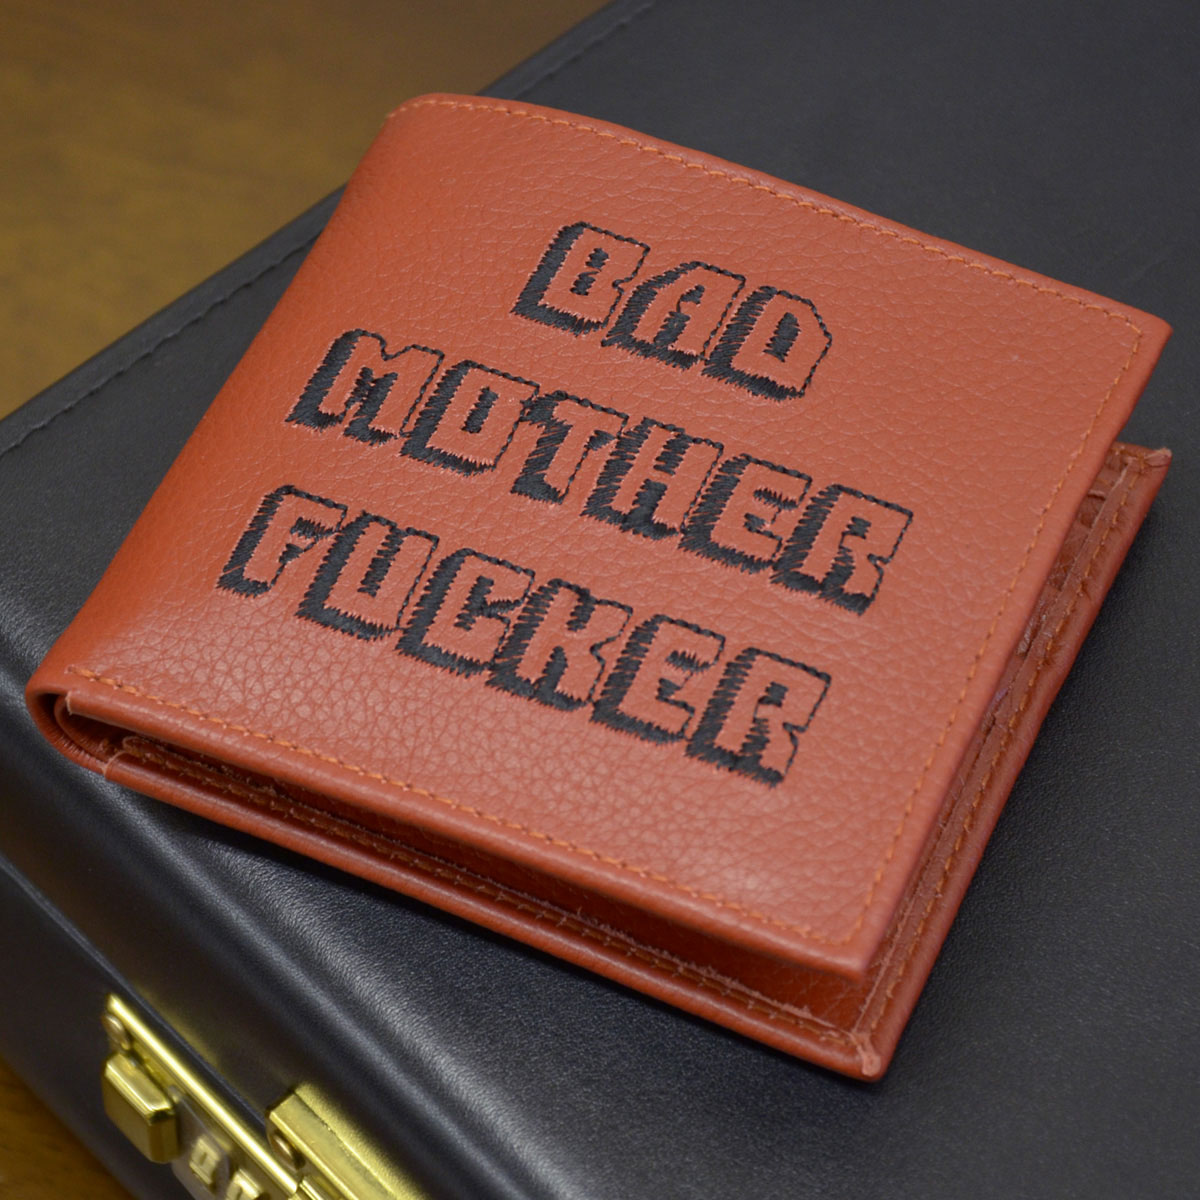 Porte monnaie bad mother fucker - Porte monnaie pulp fiction ...